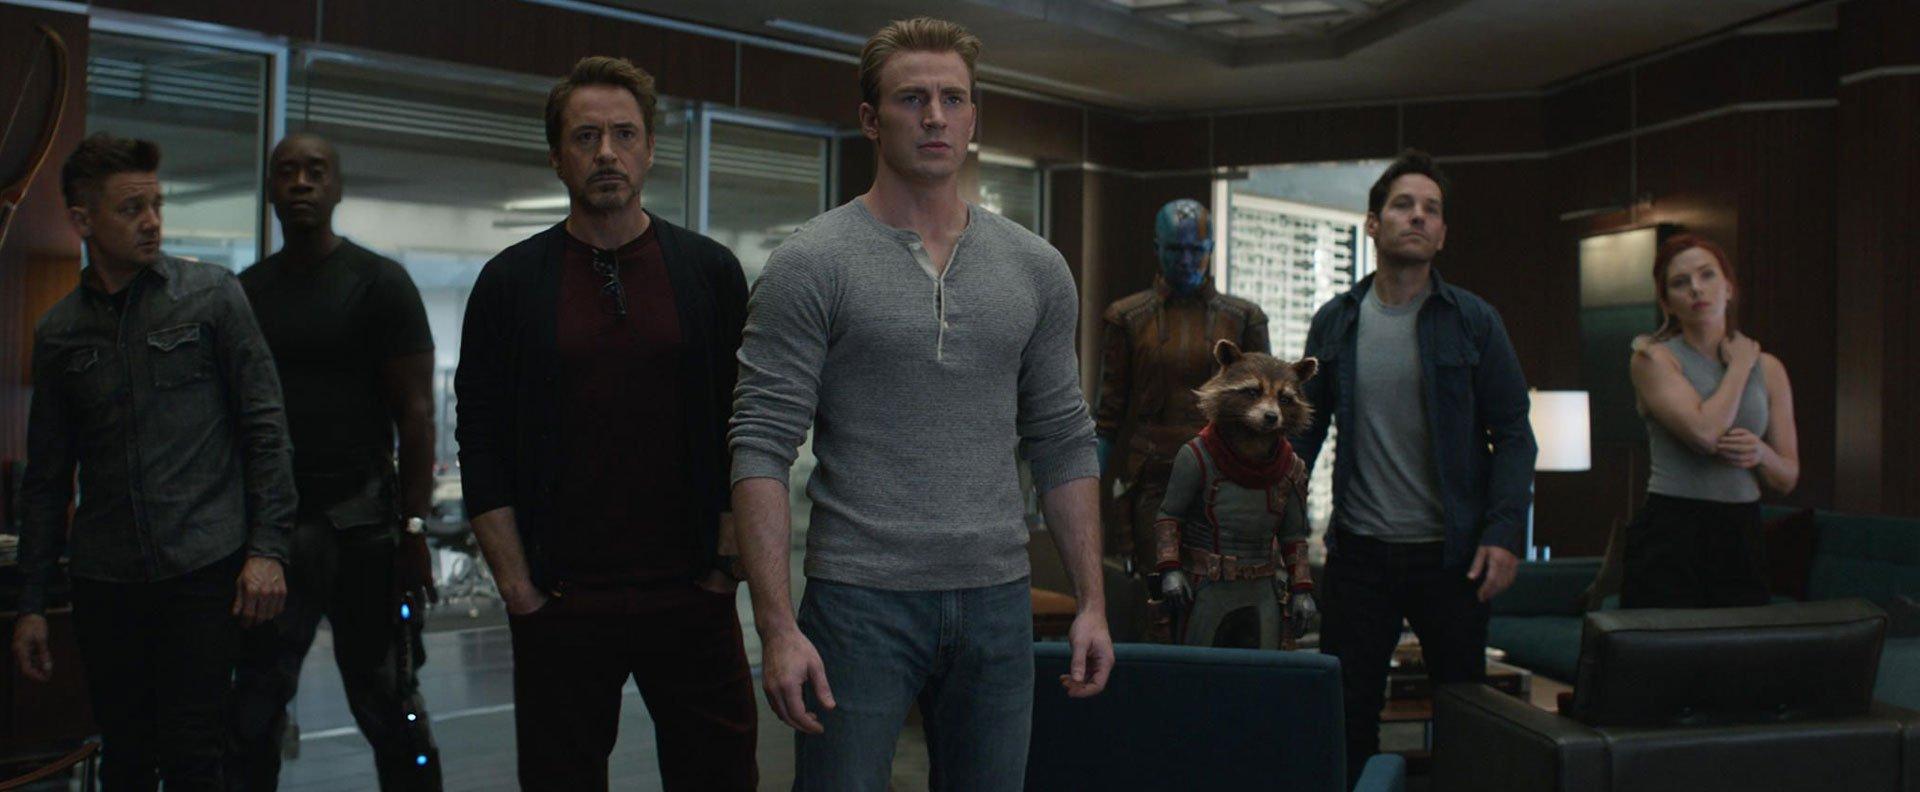 Месники: Завершення / Avengers: Endgame (2019)